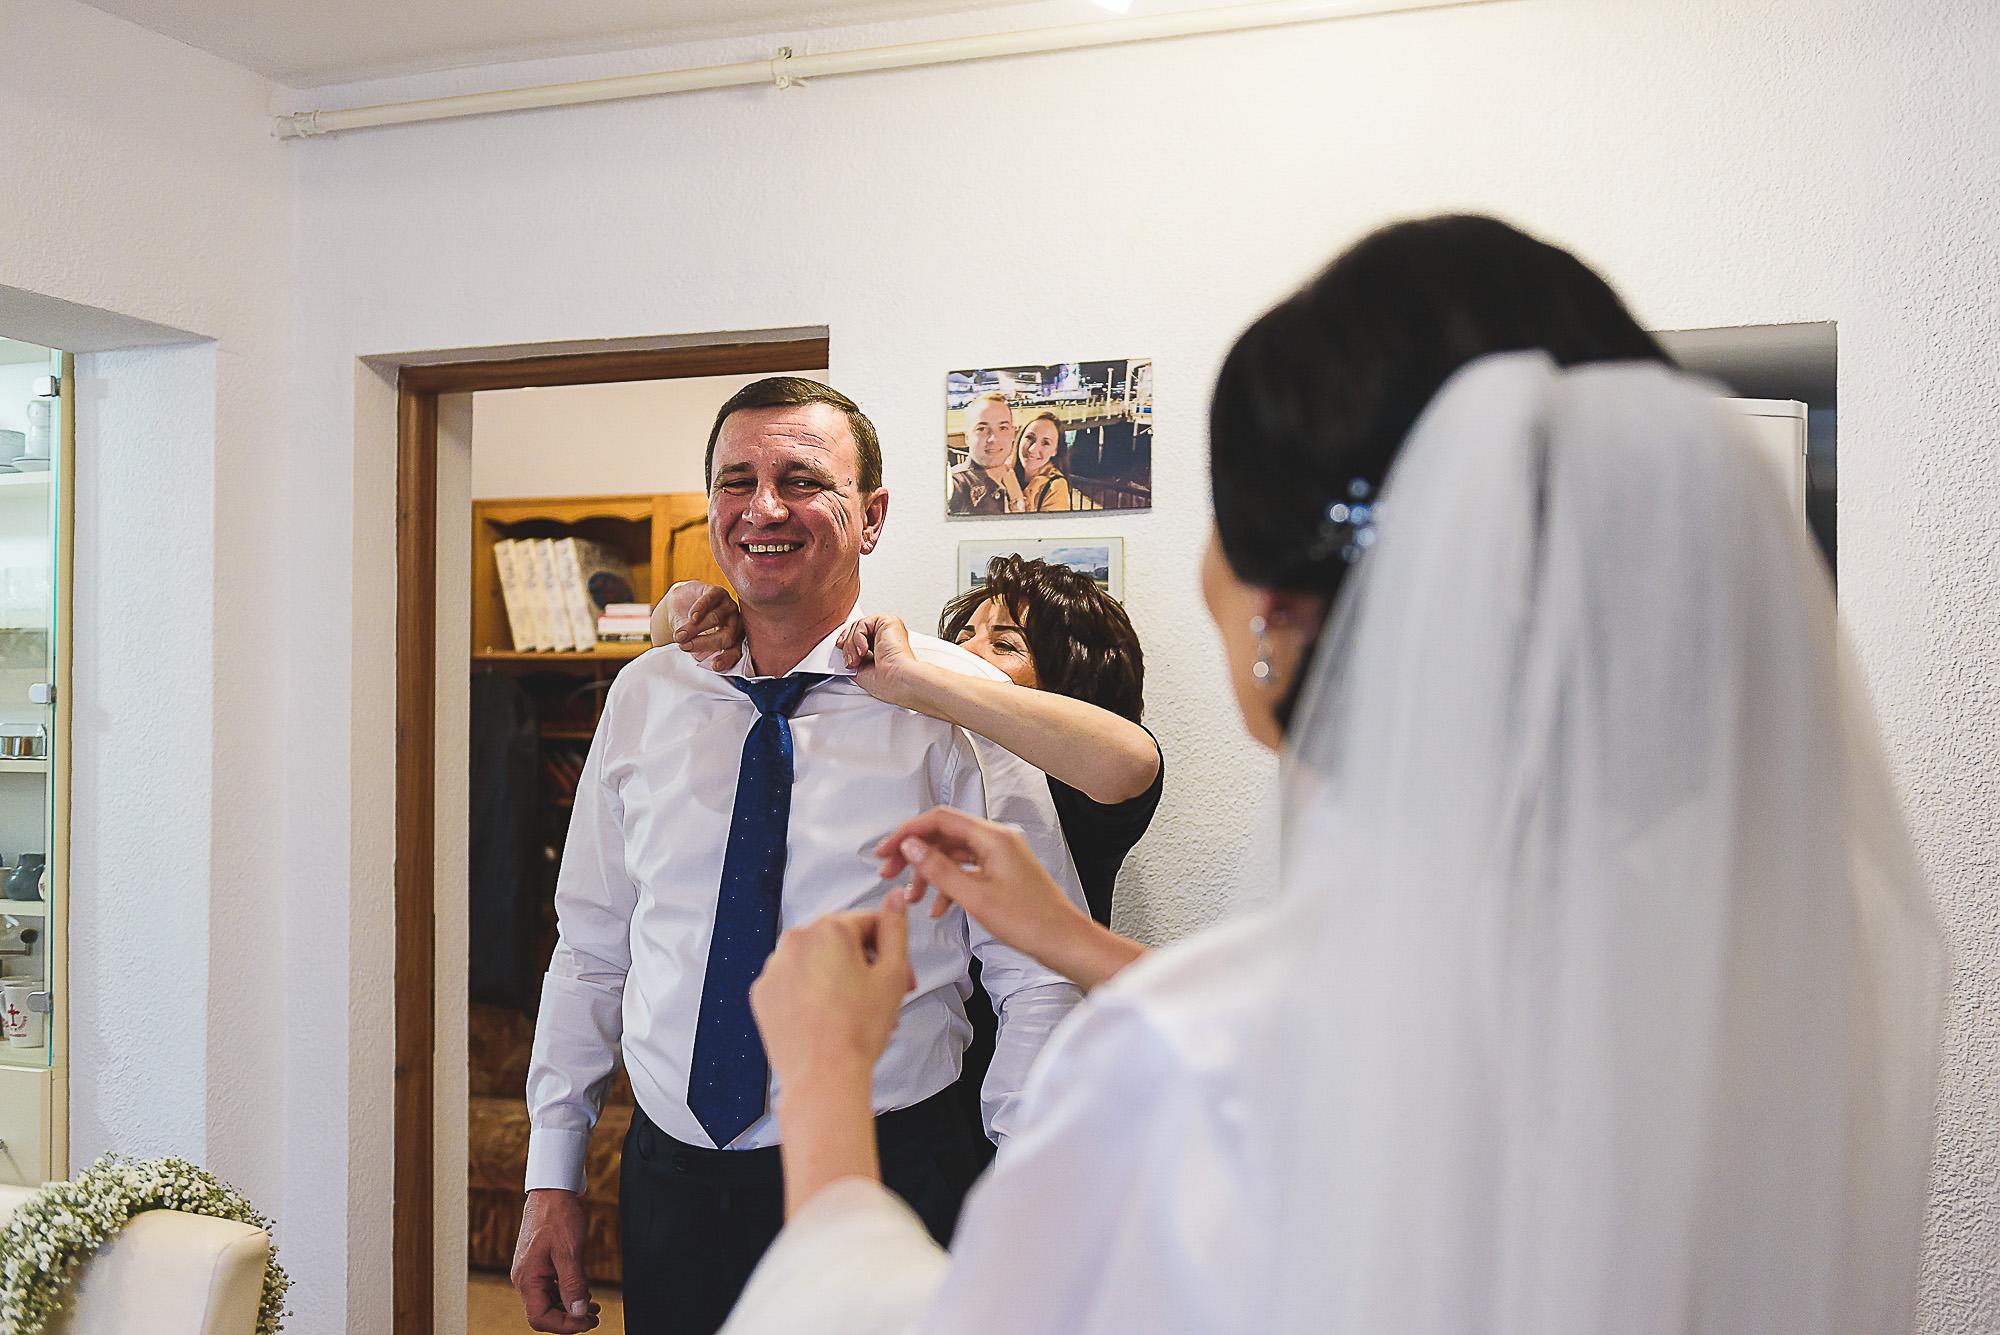 fotografii nunta mures, fotografii creative nunta, fotografie creative de nunta, tatal miresei, pregatirile miresei acasa,